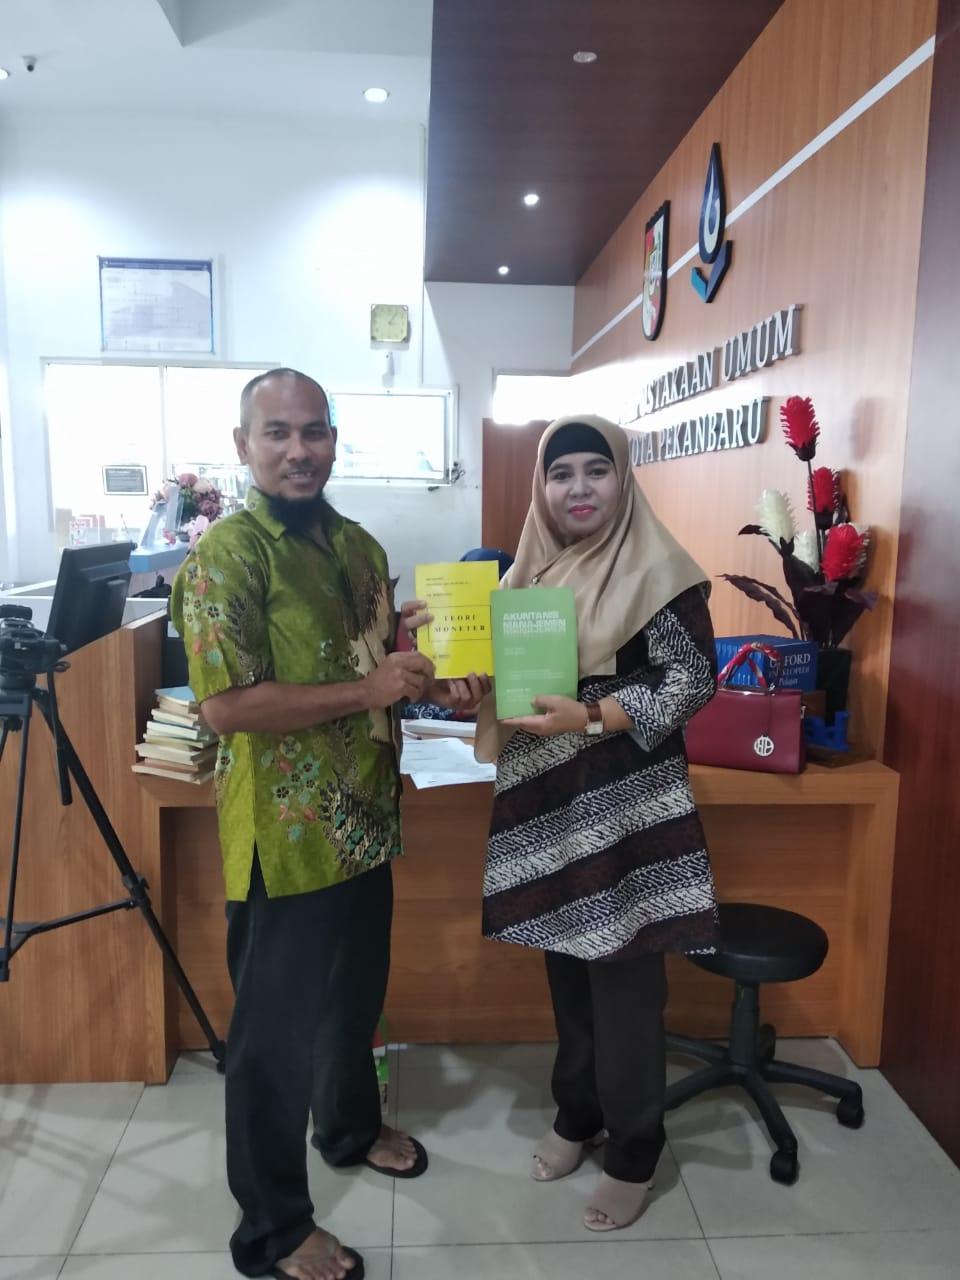 Dispusip Kota Pekanbaru terima hibah buku dari perorangan sebanyak 33 Eksemplar